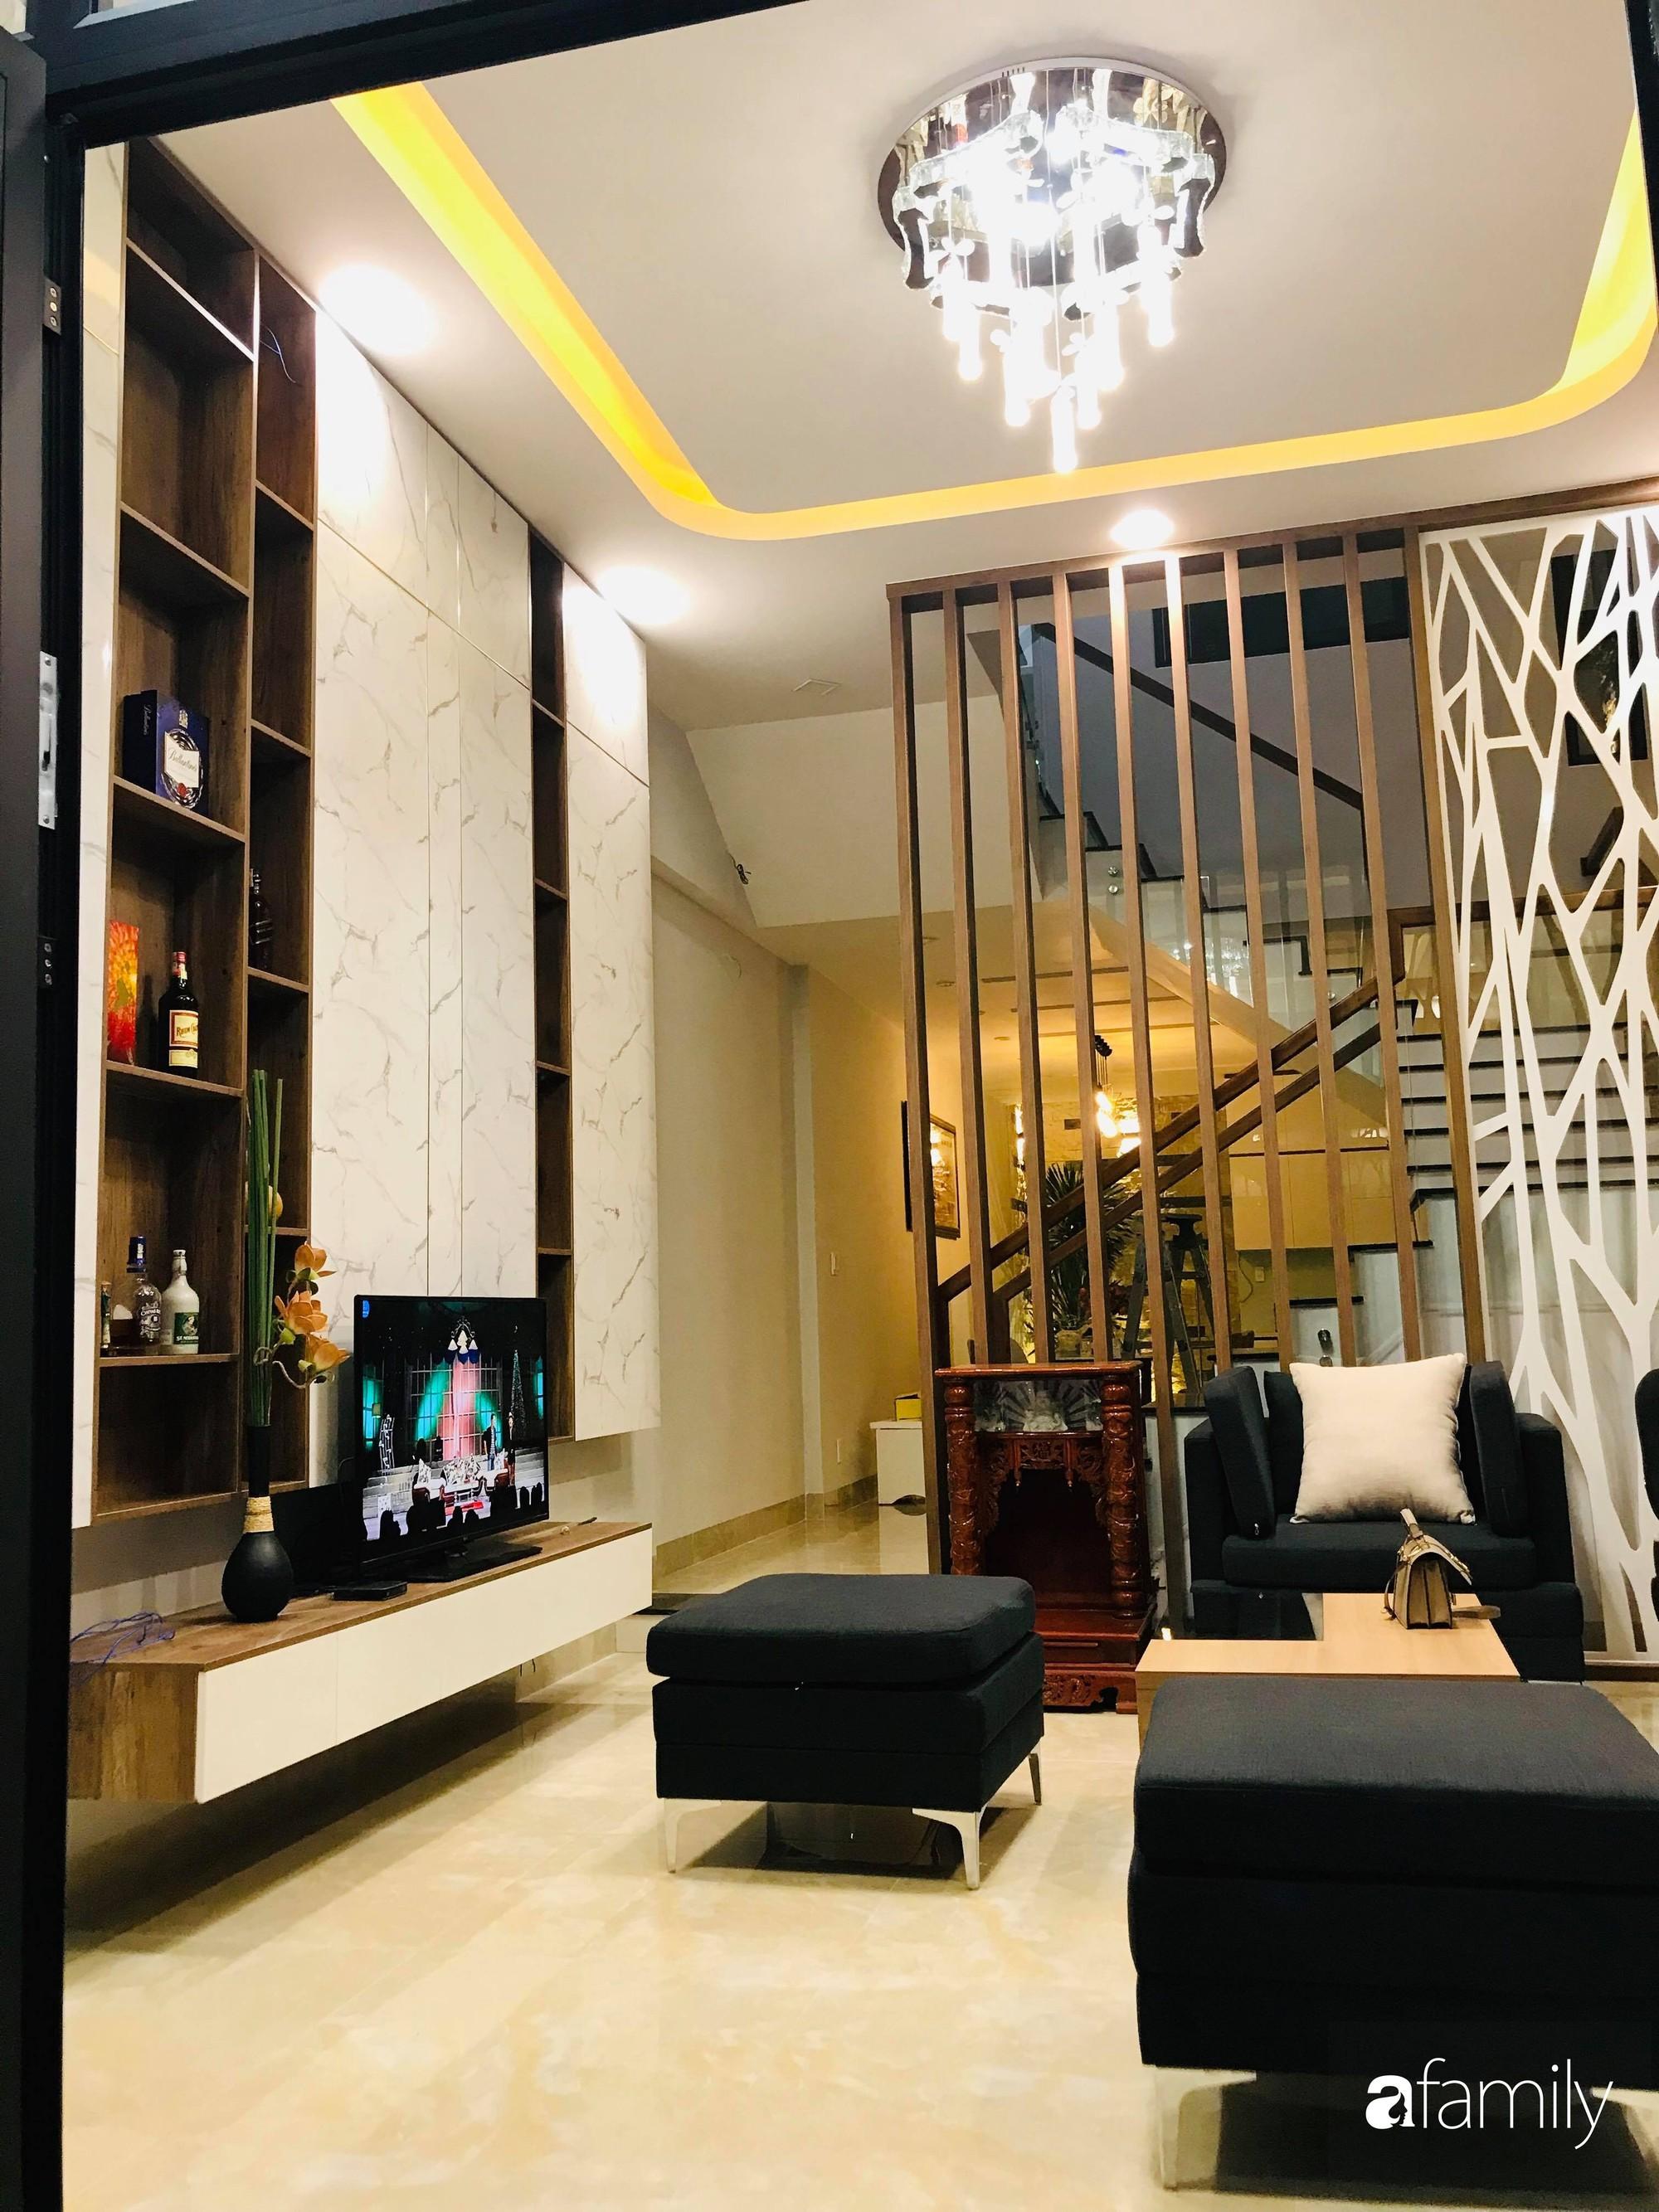 Ngôi nhà phố đong đầy hạnh phúc được thiết kế theo lối kiến trúc hiện đại của cô giáo ở Quảng Ngãi - Hình 12